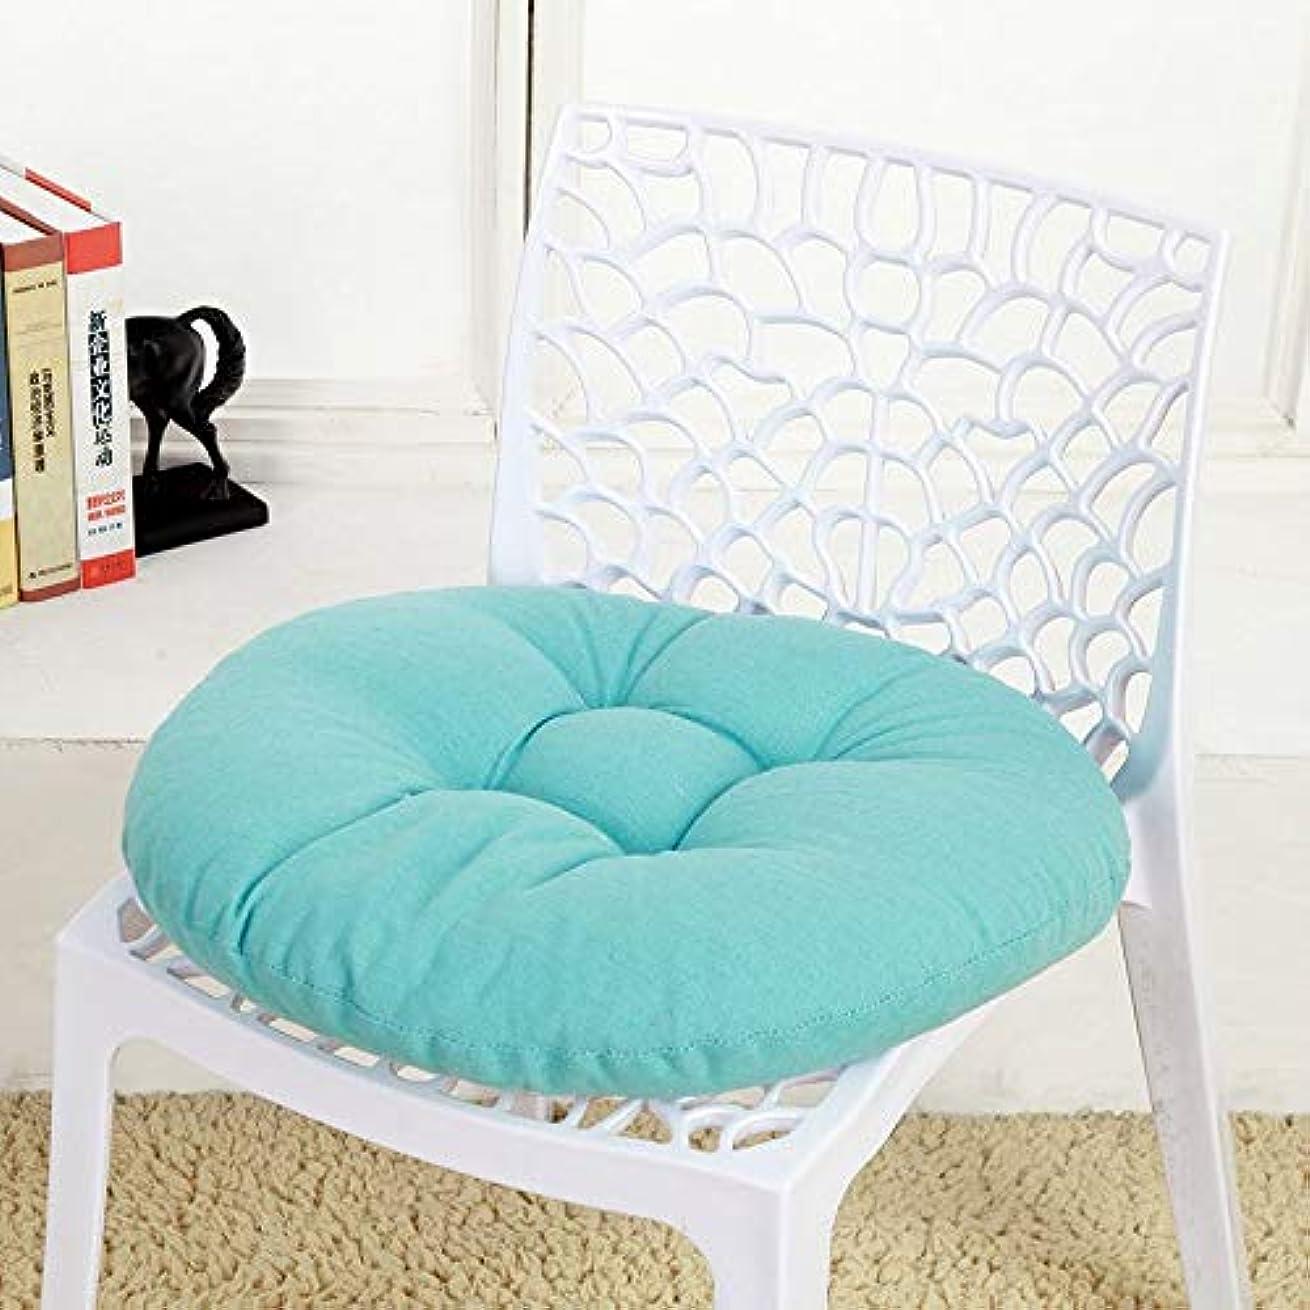 時ご覧くださいロゴLIFE キャンディカラーのクッションラウンドシートクッション波ウィンドウシートクッションクッション家の装飾パッドラウンド枕シート枕椅子座る枕 クッション 椅子